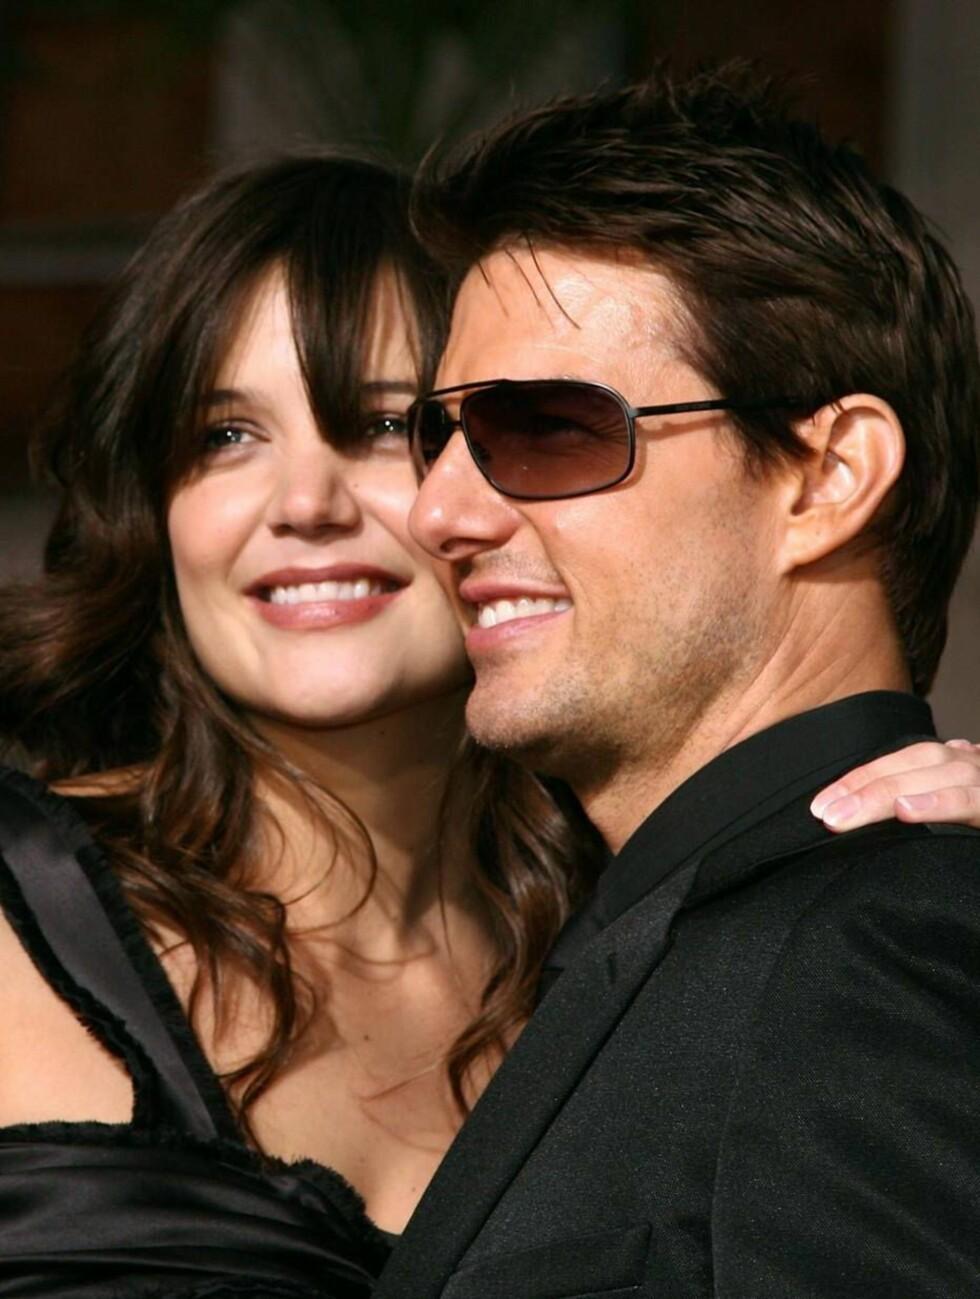 LIMT FAST: Det var nesten umulig å finne et bilde av Tom og Katie hver for seg. Foto: All Over Press